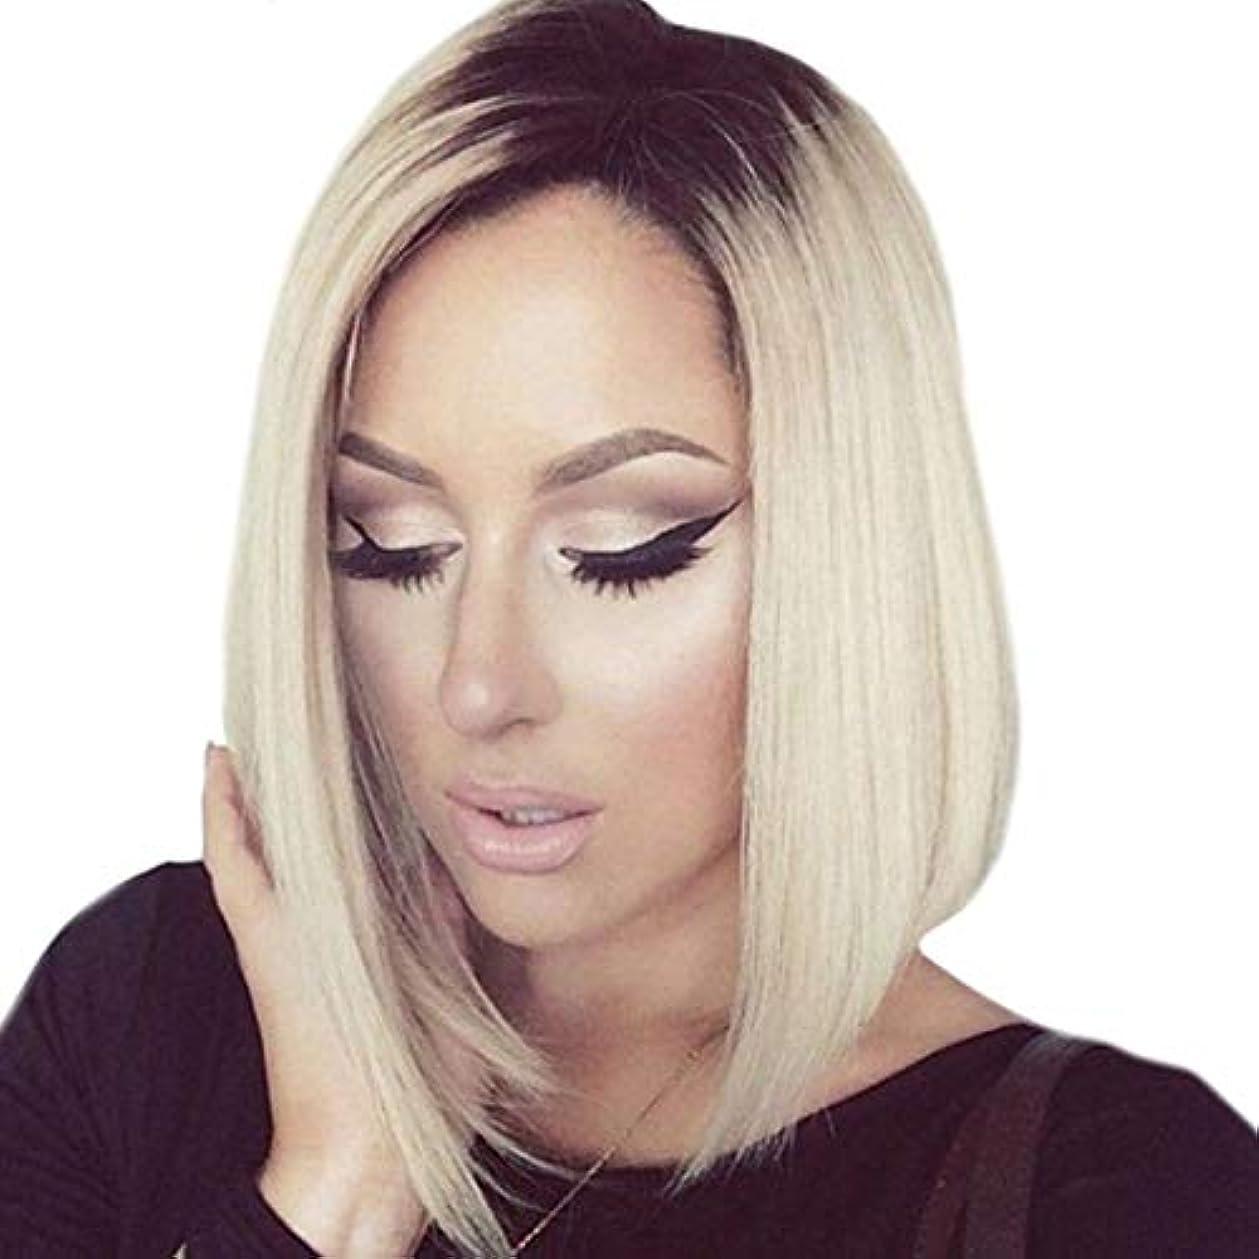 ハム月曜霊Kerwinner 女性のためのミディアムロングストレートヘアショルダーグラデーションカラーウィッグヘッドギア